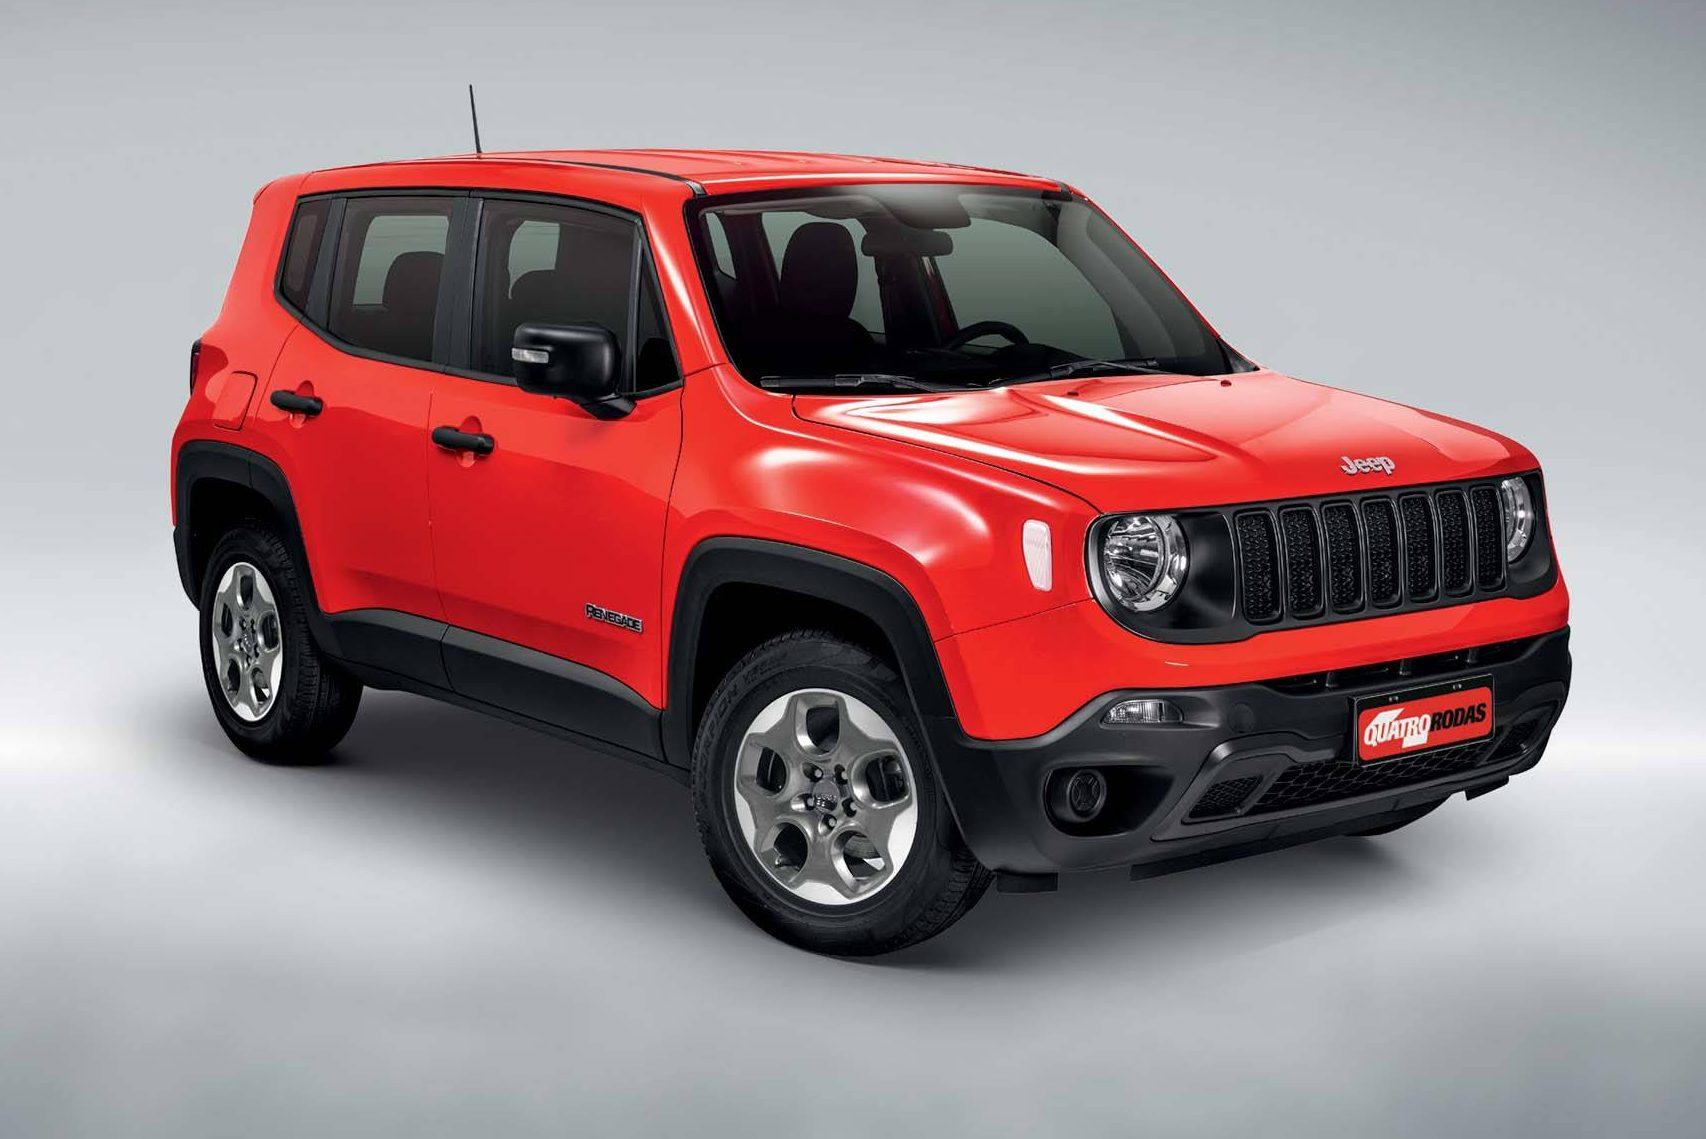 Jeep Renegade E O Carro Com Versao Para Pcd Mais Vendida Em 2019